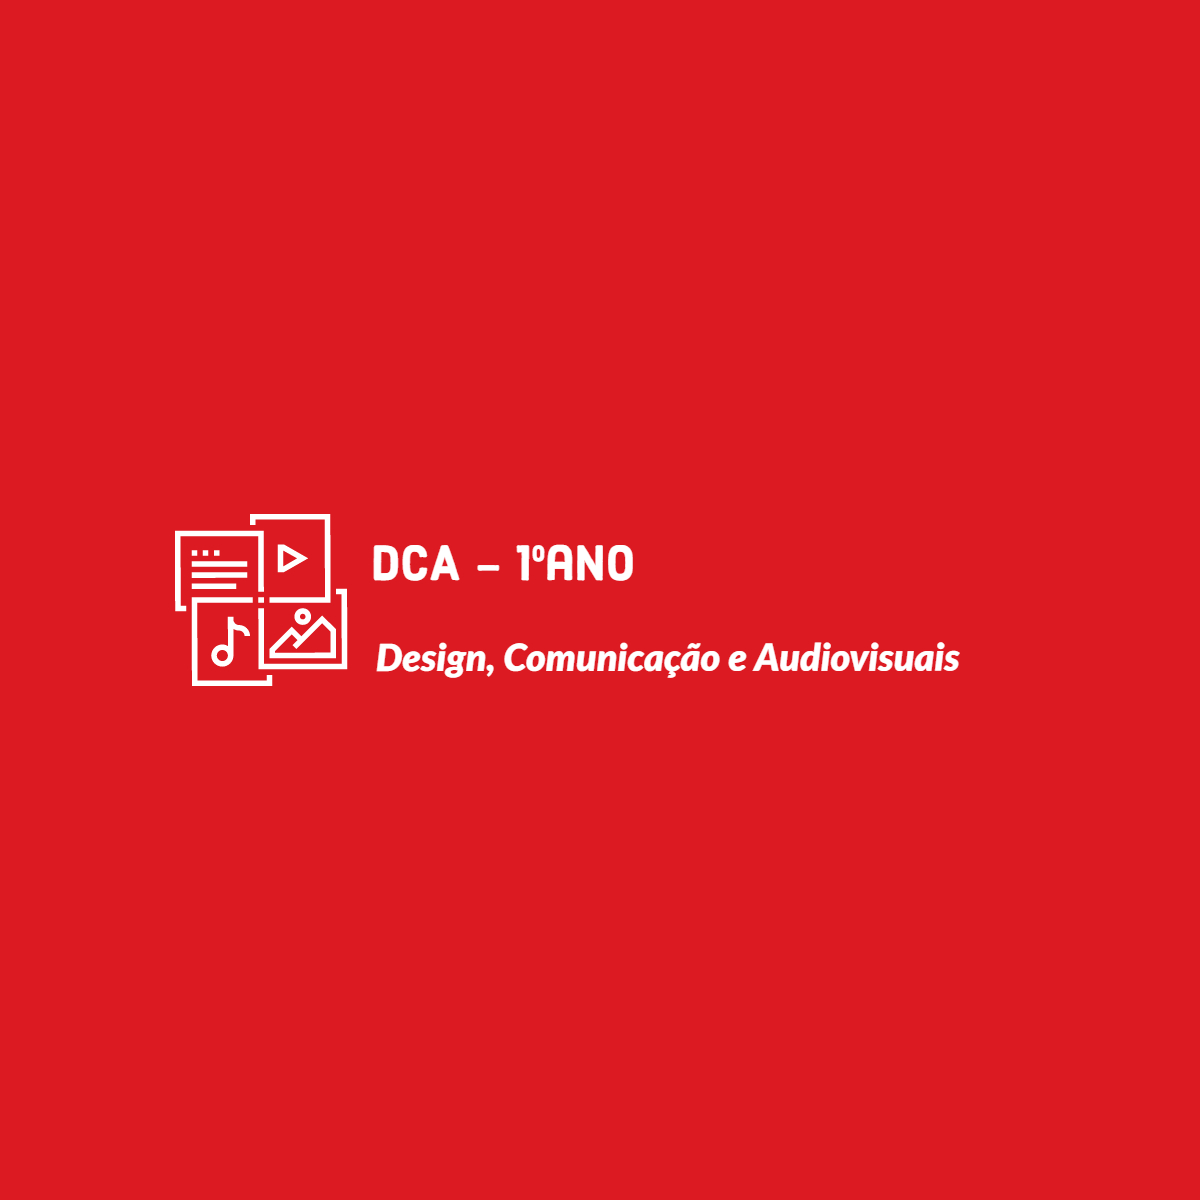 (1ºD) Design, Comunicação e Audiovisuais